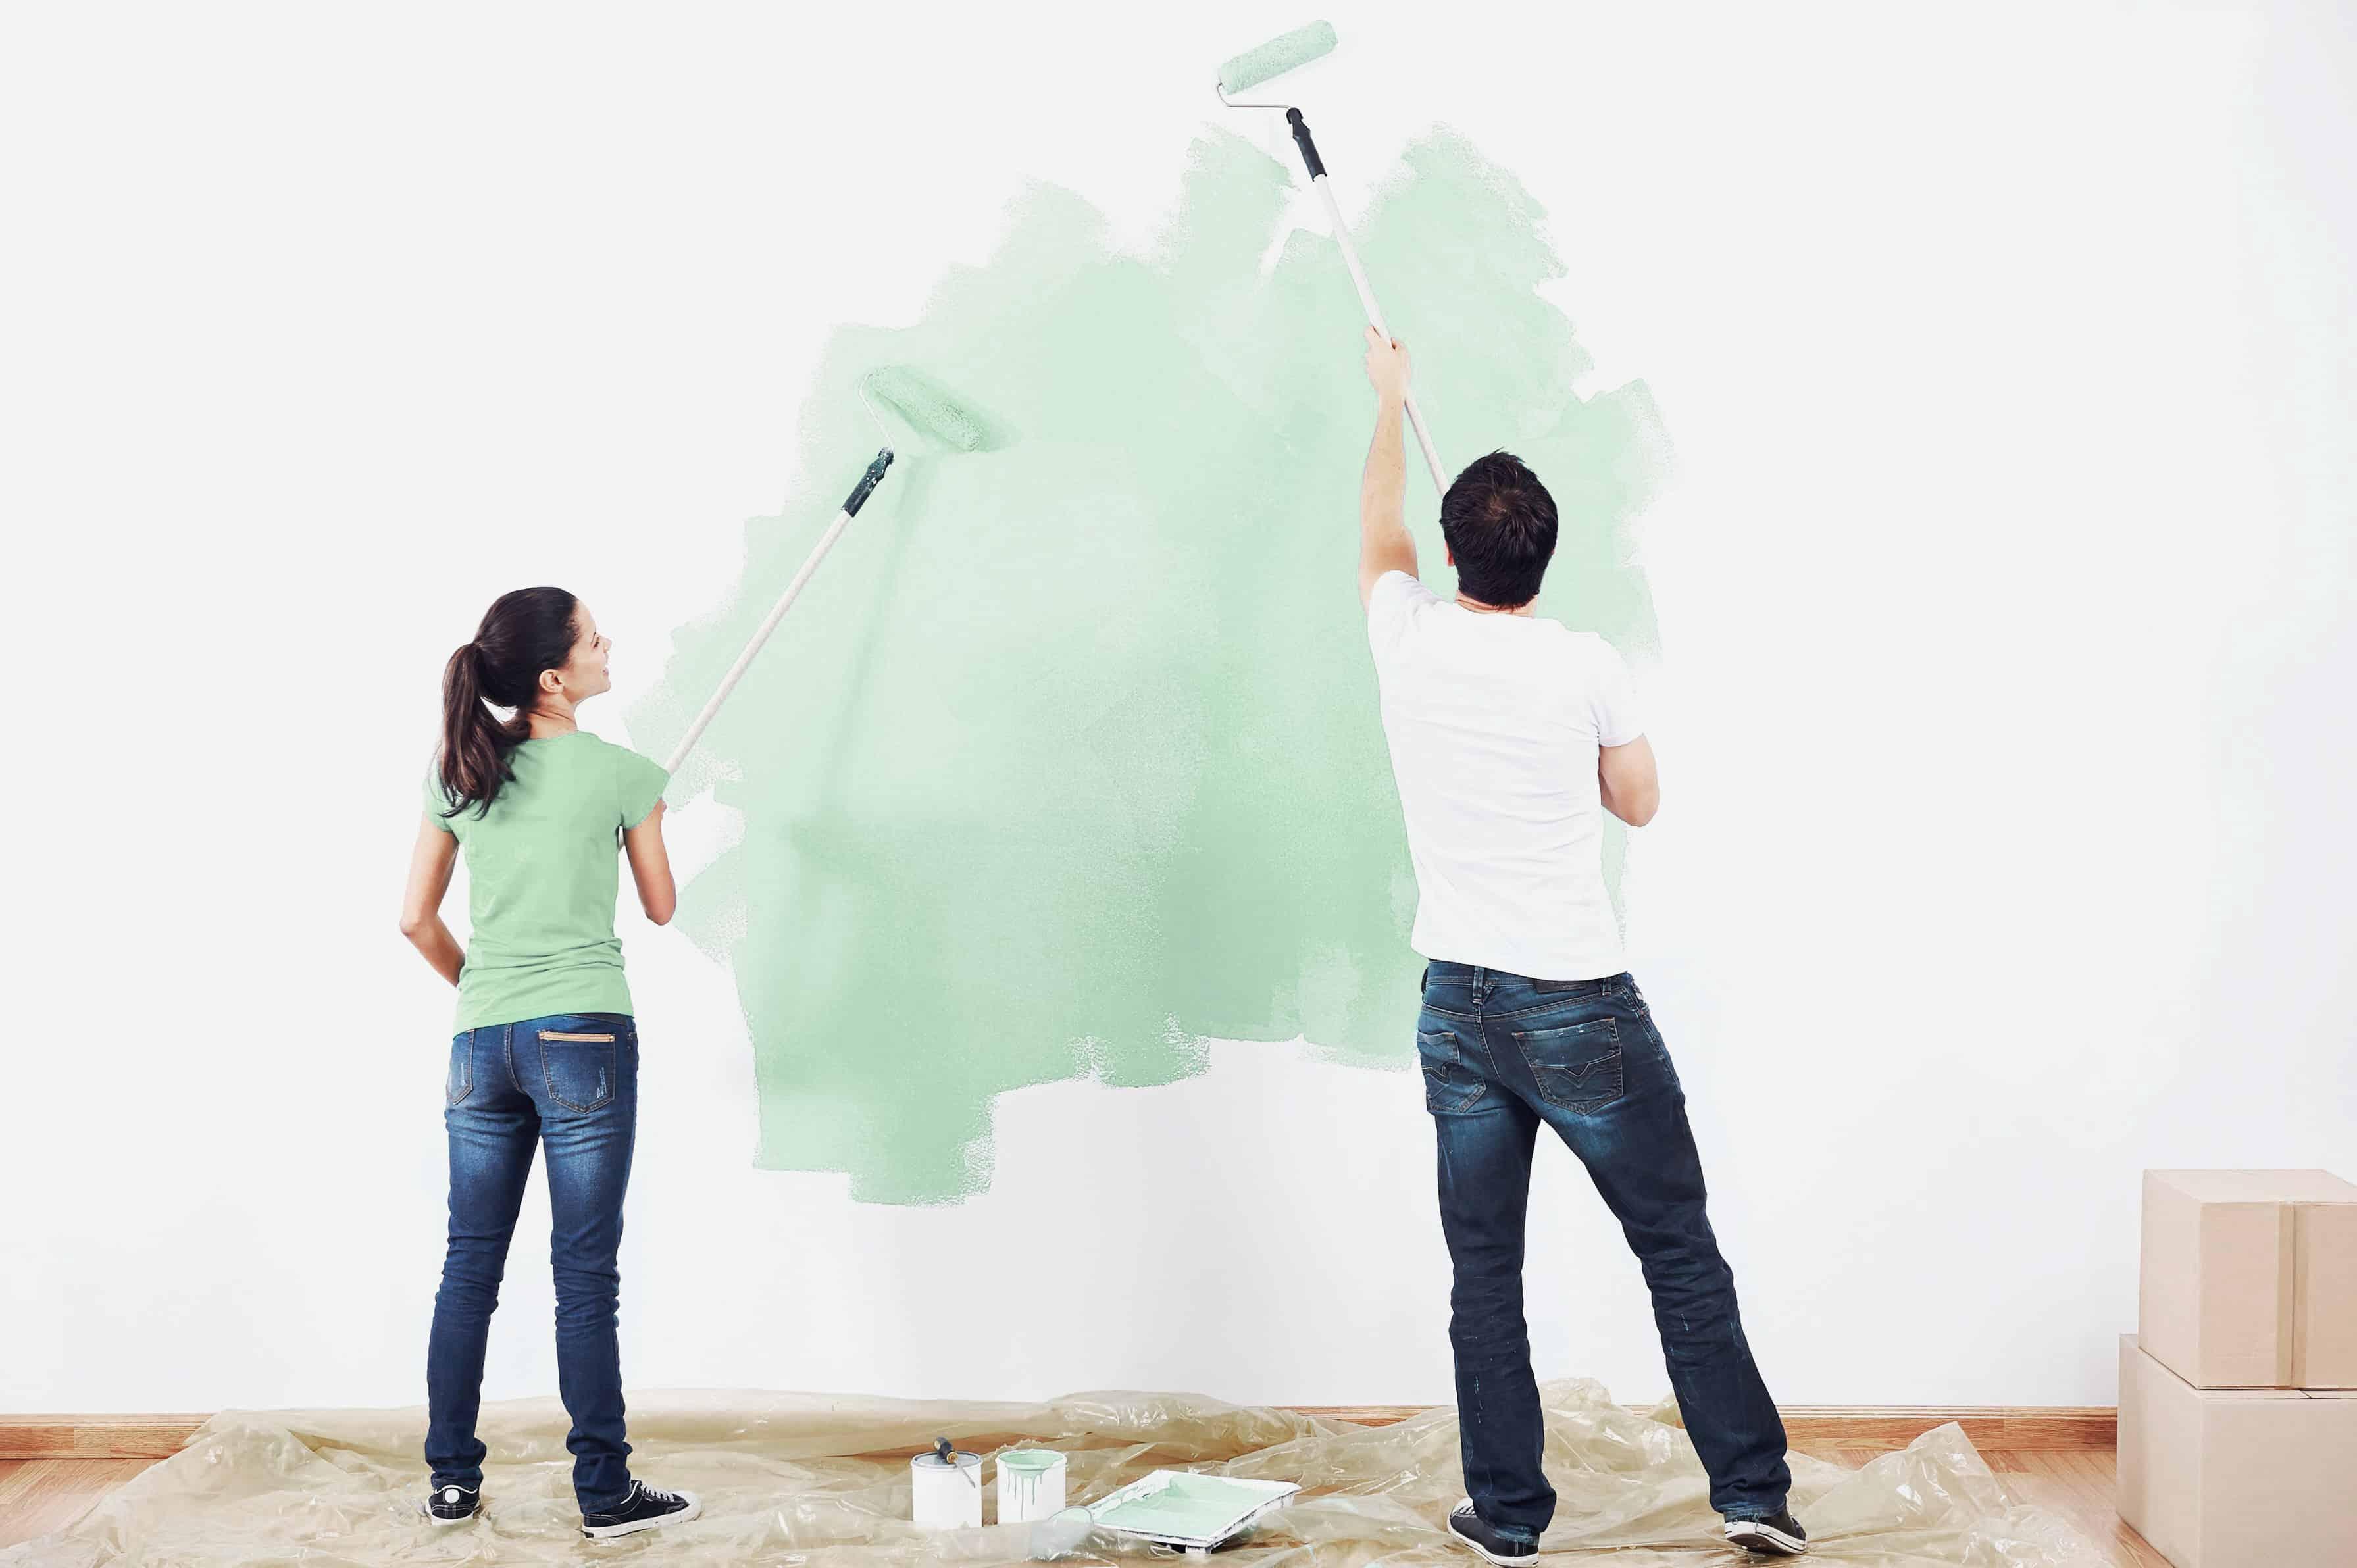 Diez trucos para pintar paredes como un profesional houselab - Trucos para empapelar paredes ...